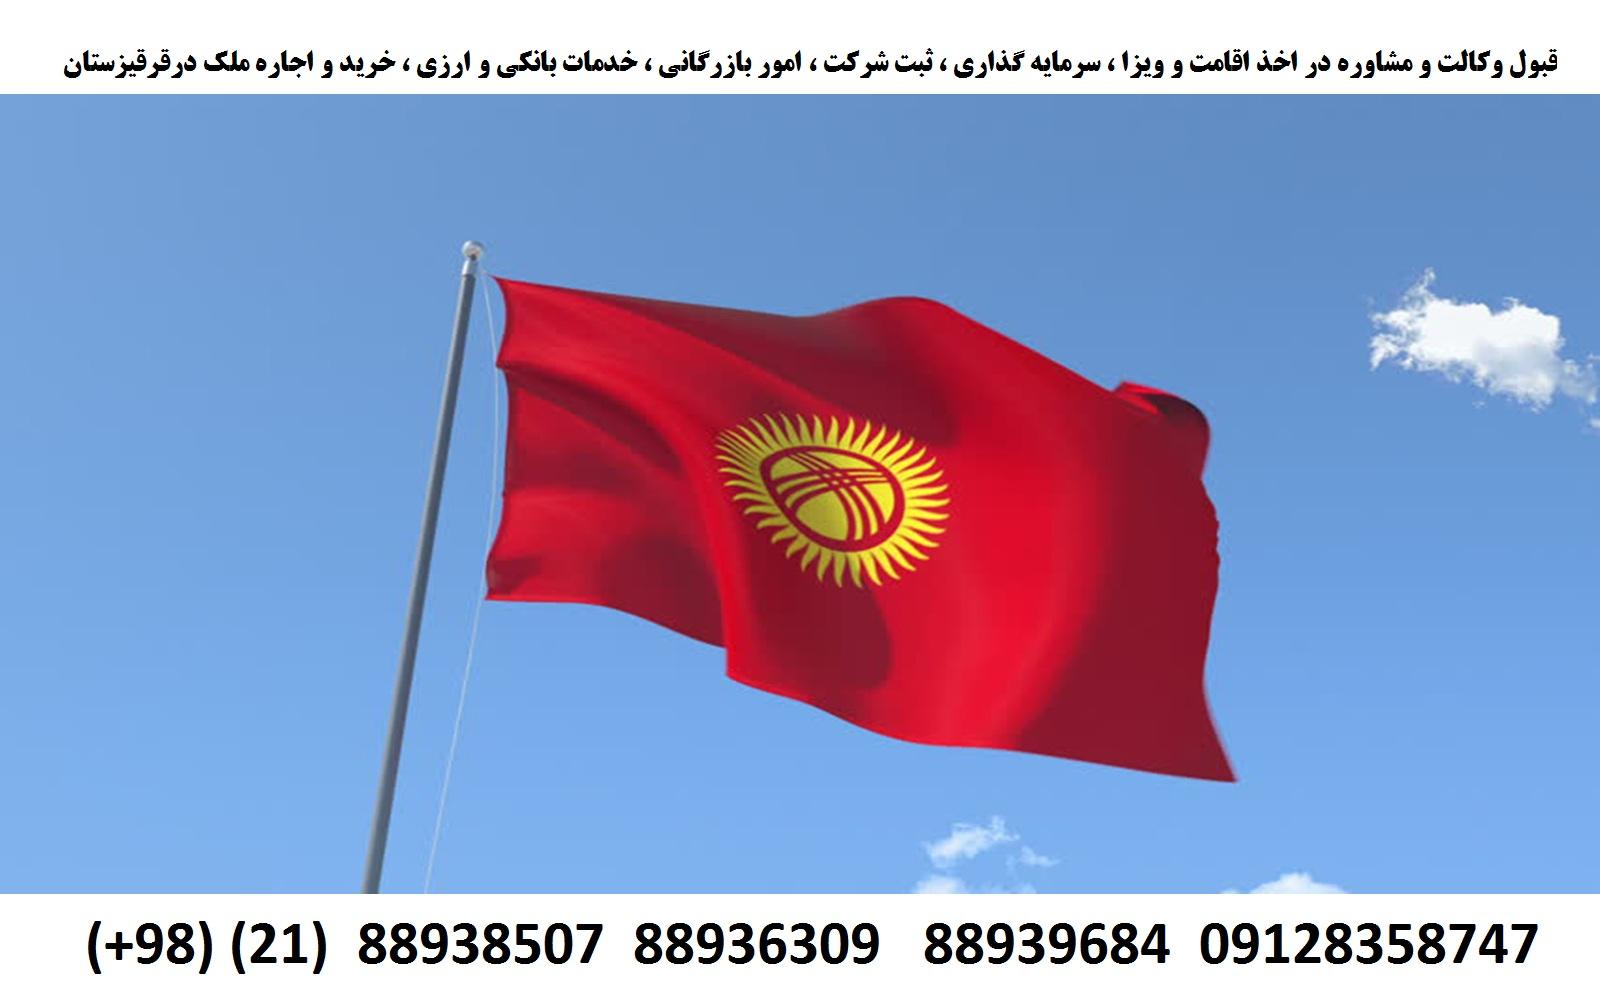 اقامت ، ویزا ، ثبت شرکت ، سرمایه گذاری در قرقیزستان (1)